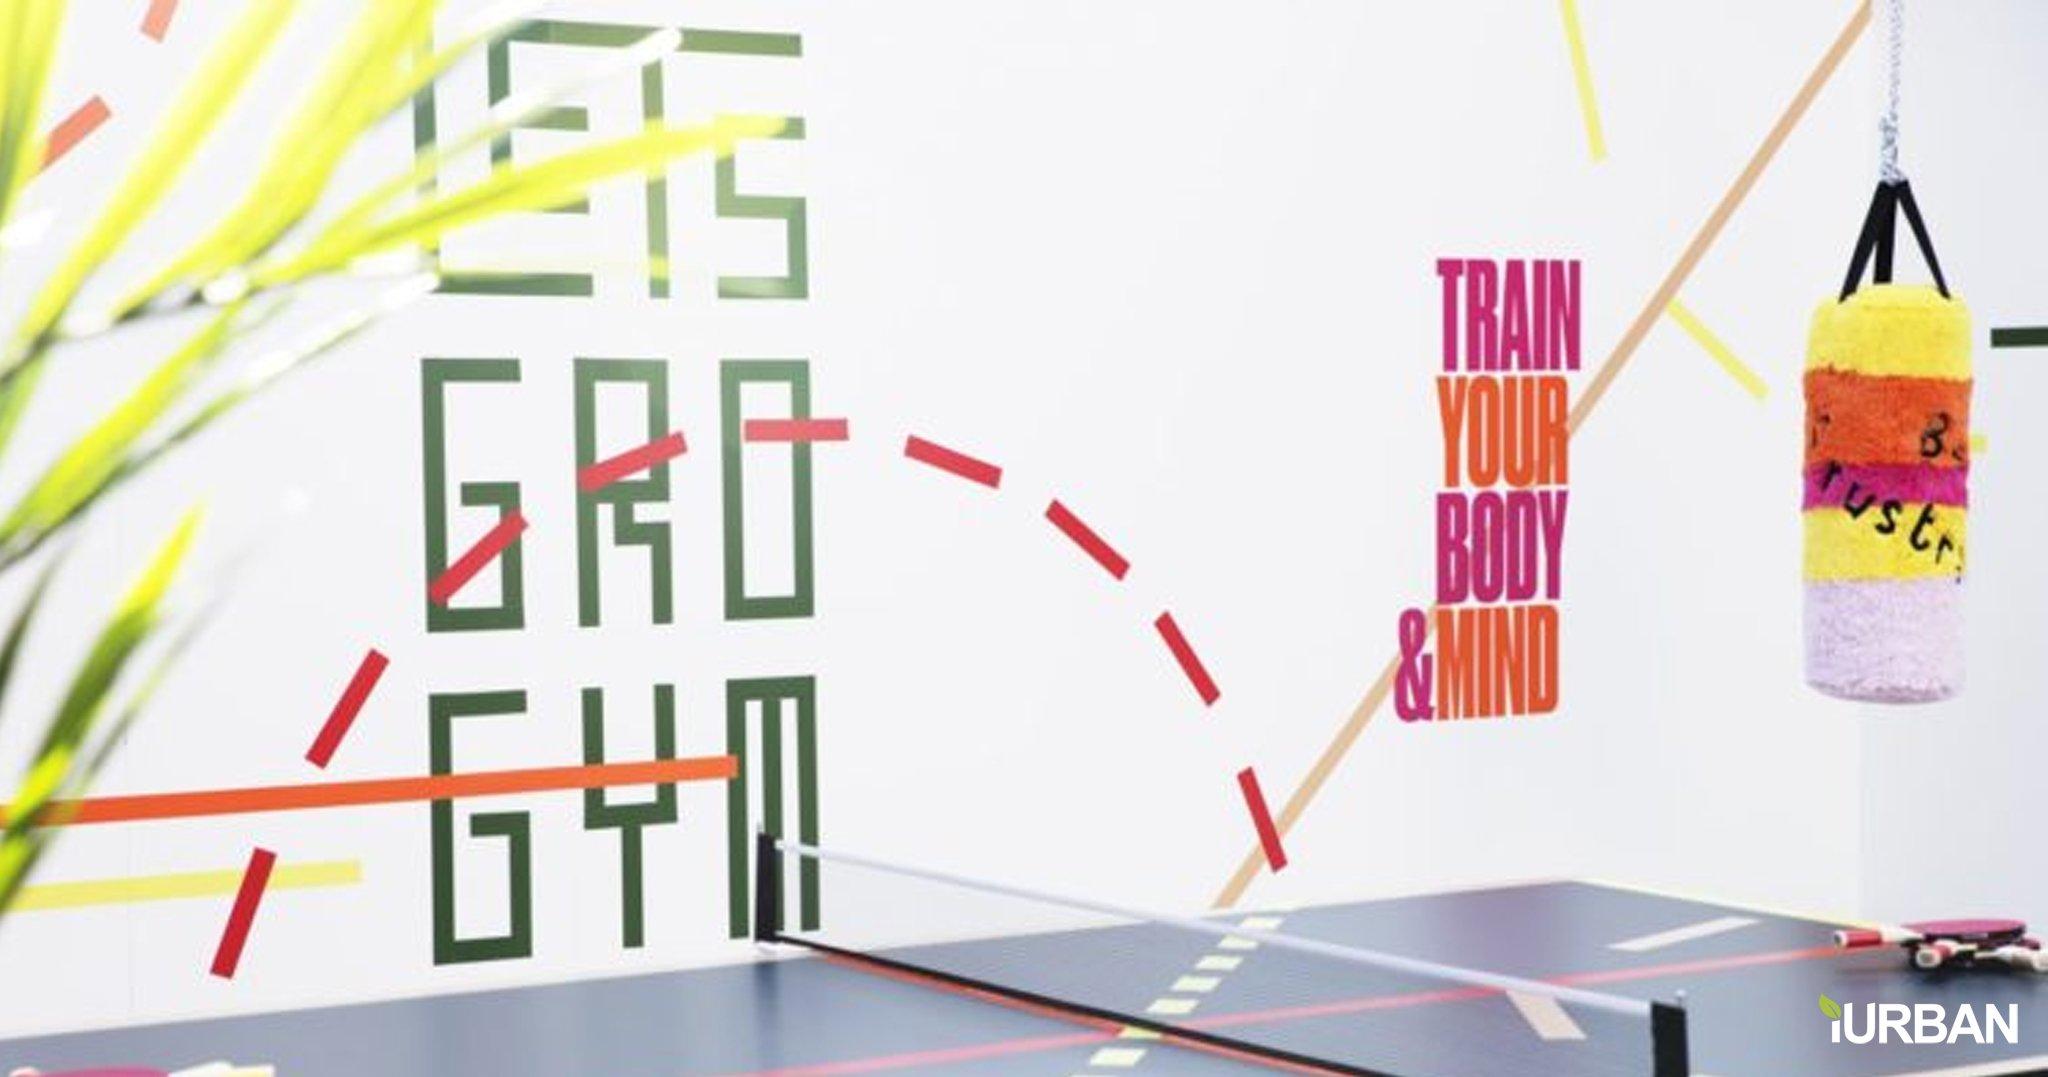 Let's Gro Gym ยิมต้นแบบเพื่อฝึกความแข็งแกร่งของร่างกายและจิตใจ 2 - Gym